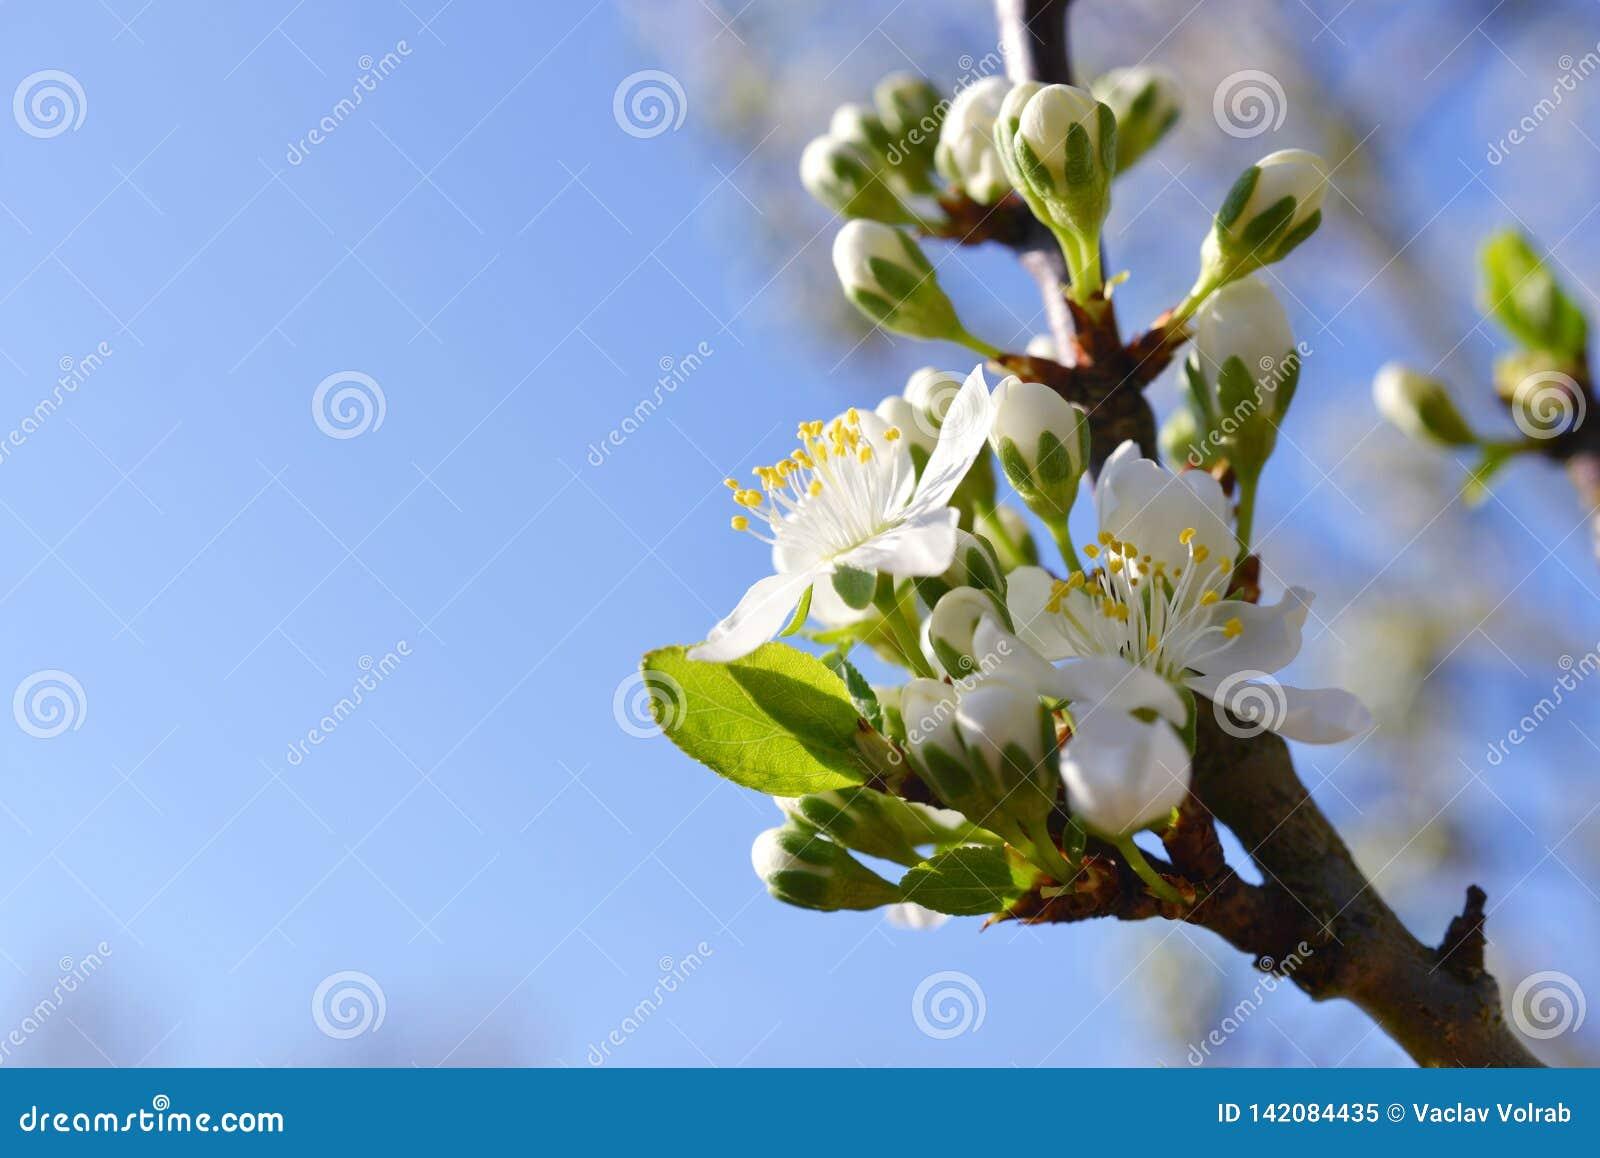 开花的洋李,与白花的分支在模糊的自然背景